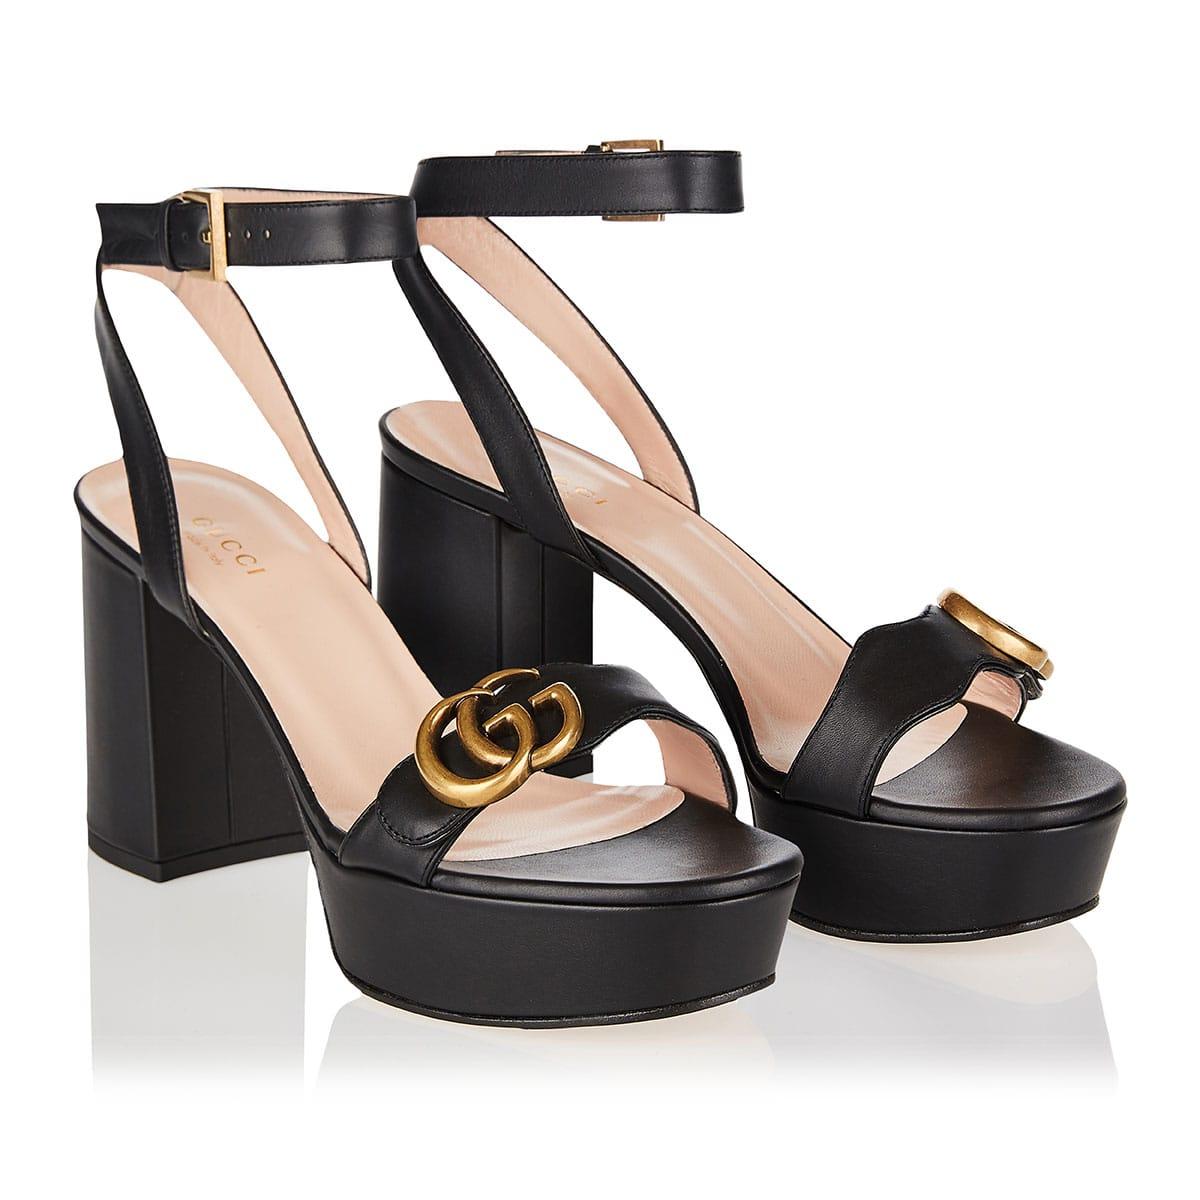 Double G platform sandals